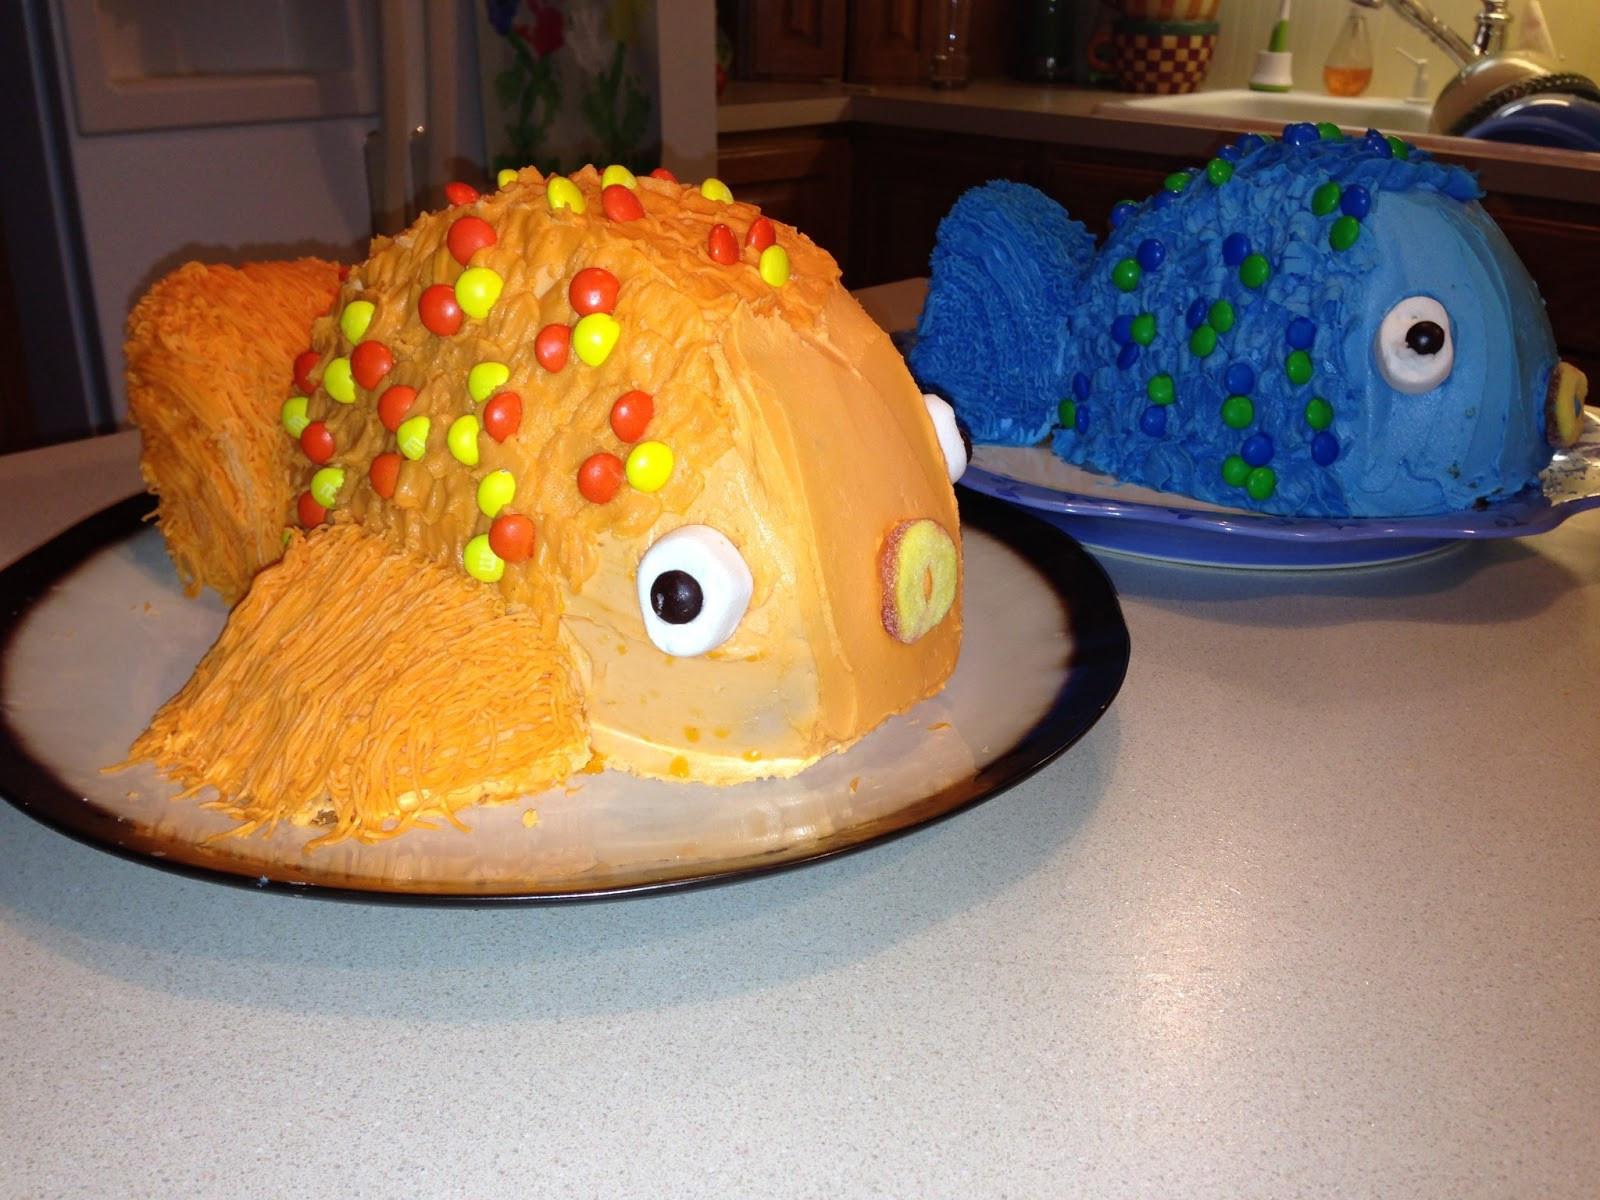 Fish Birthday Cake  True Hope and a Future FISH BIRTHDAY CAKE